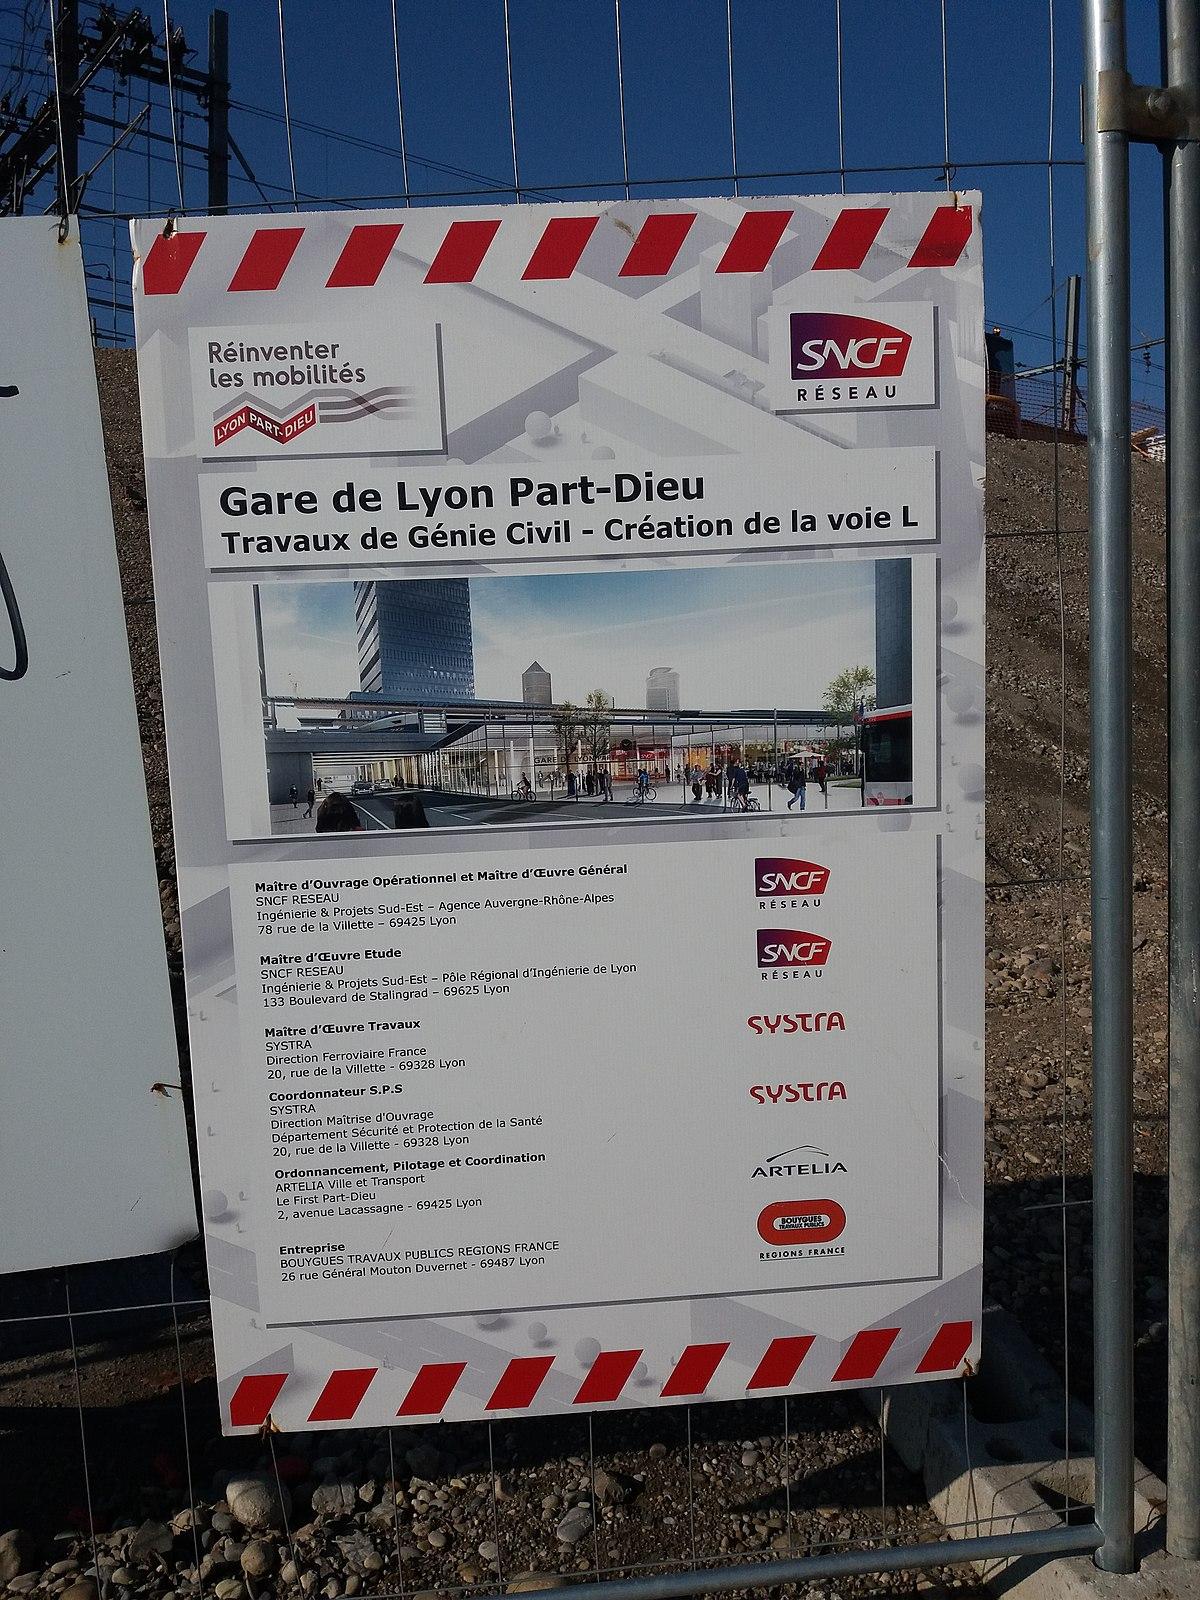 Entreprise D Architecture Lyon file:gare de lyon-part-dieu - plaque travaux de la voie l